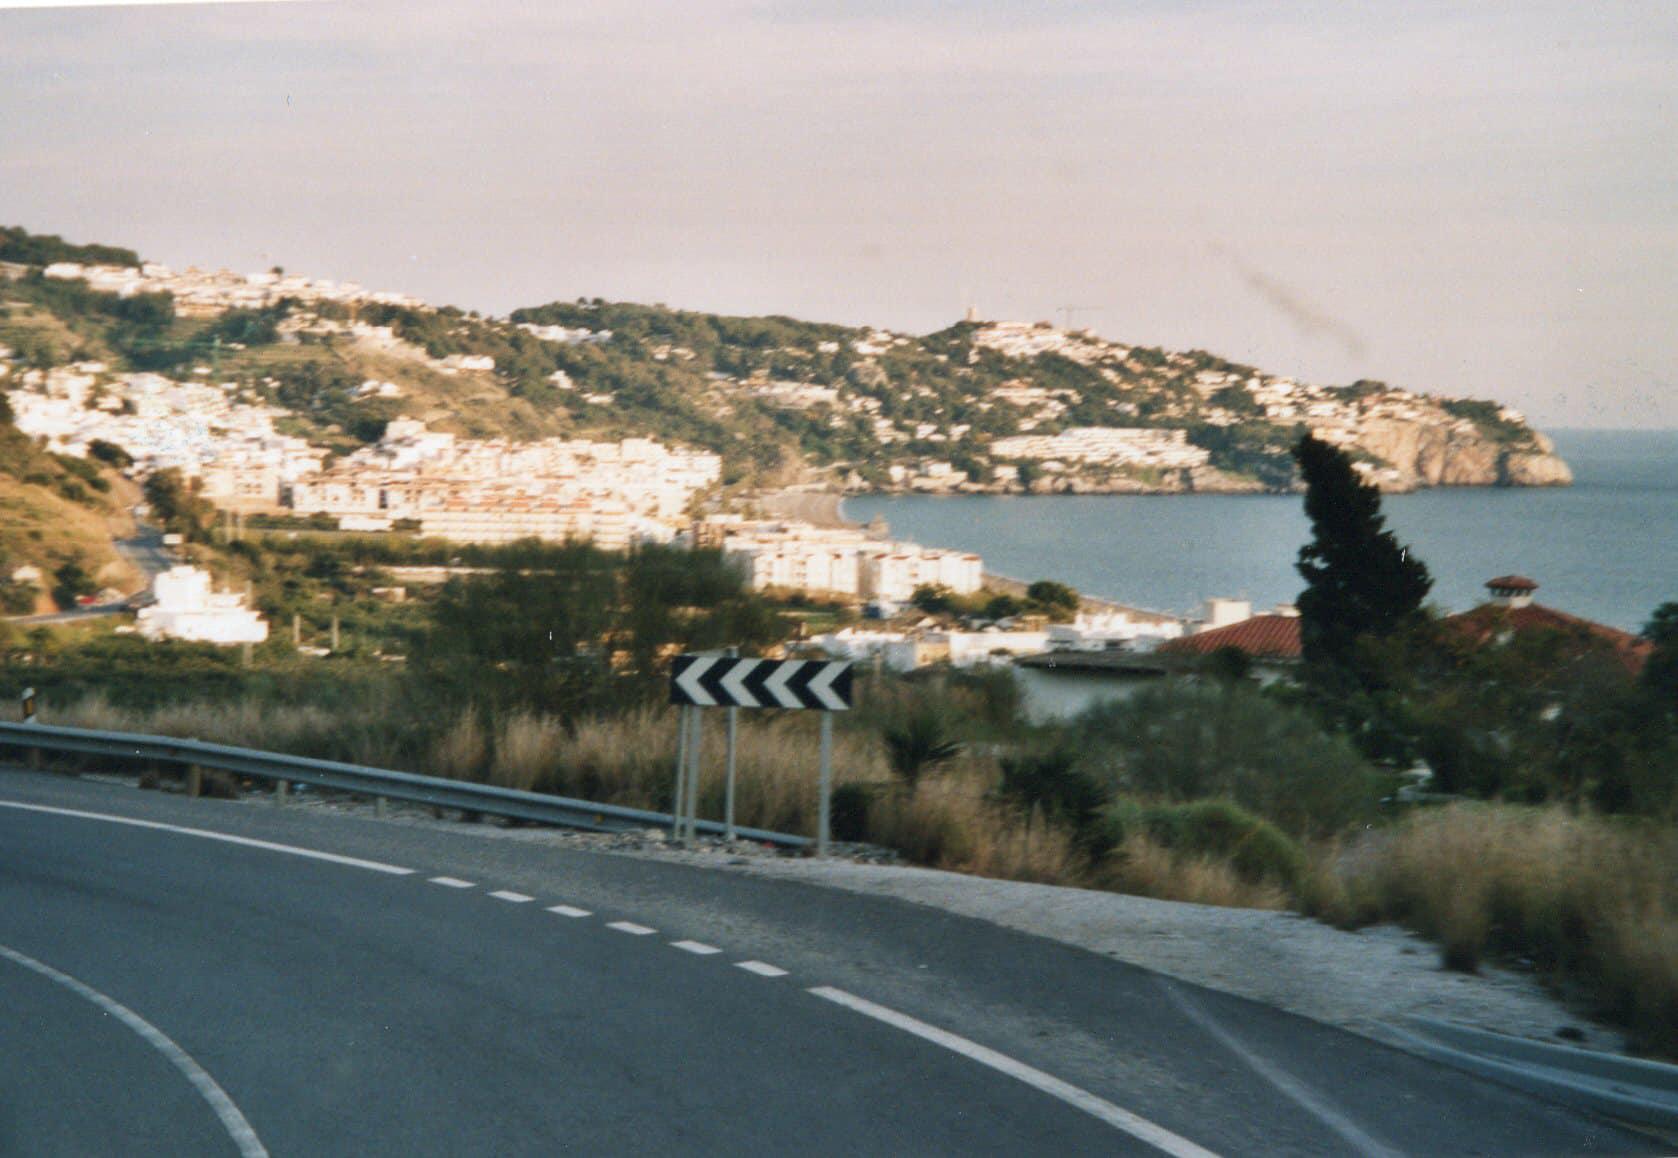 onderweg-Almeria--Hendrik-Westra